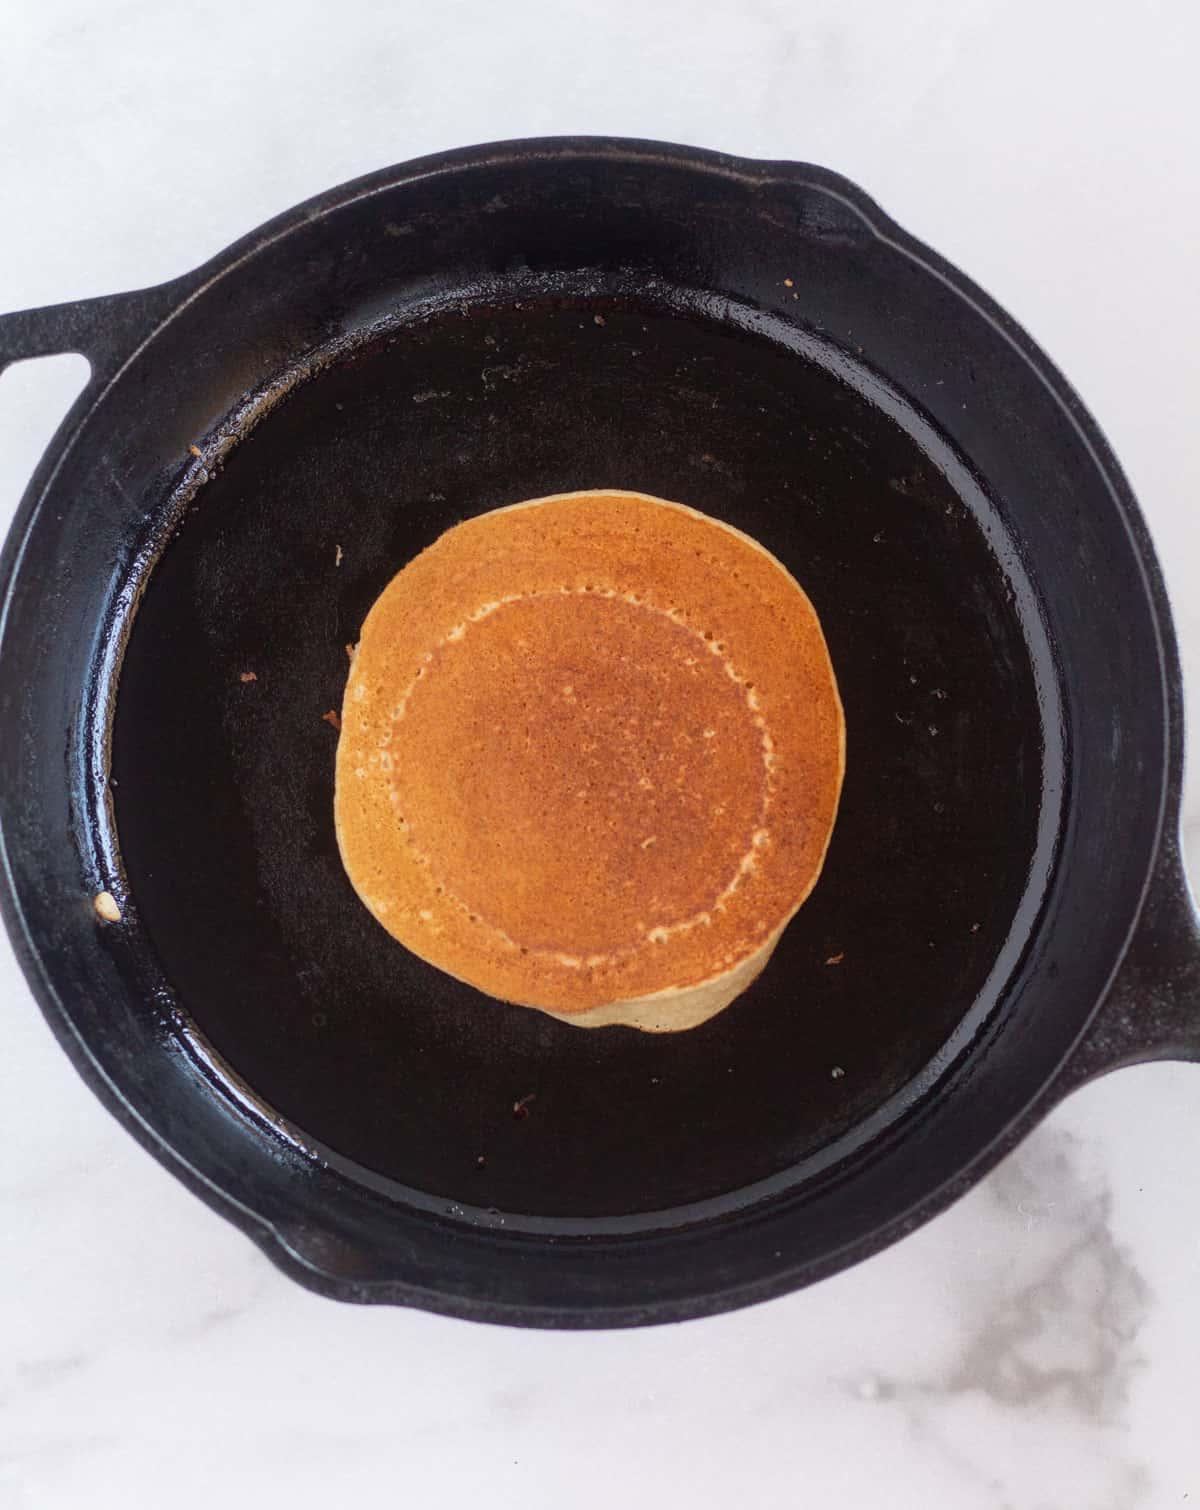 flipped pancake in skillet